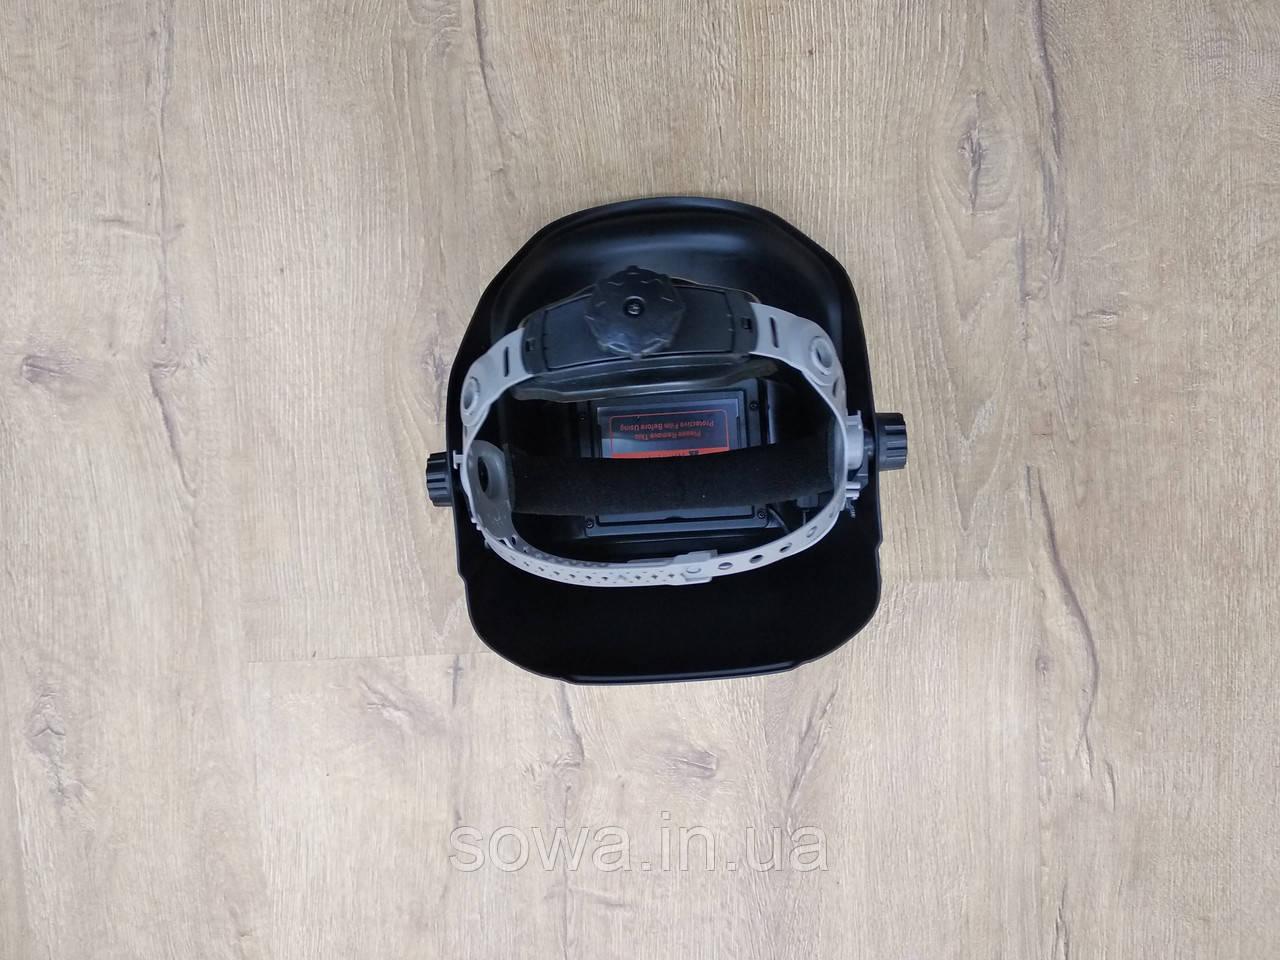 Сварочная маска хамелеон AL-FA ALWM01 - фото 3